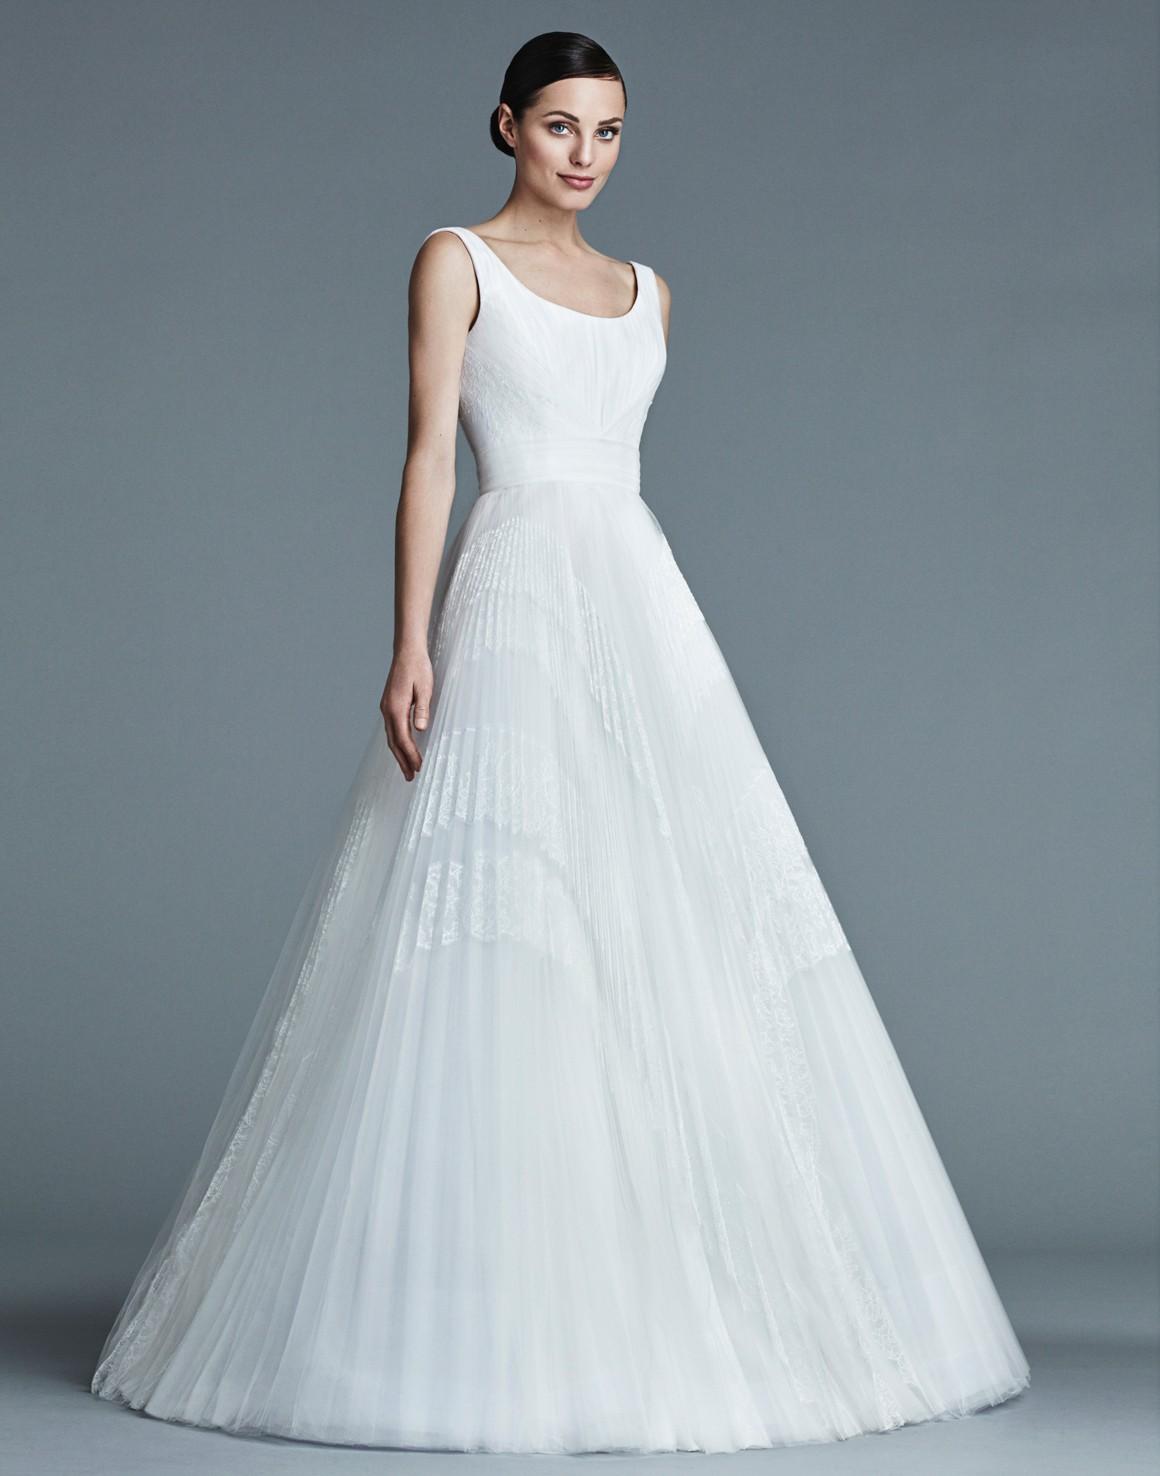 Свадебное платье J.Mendel - весна 2016 4